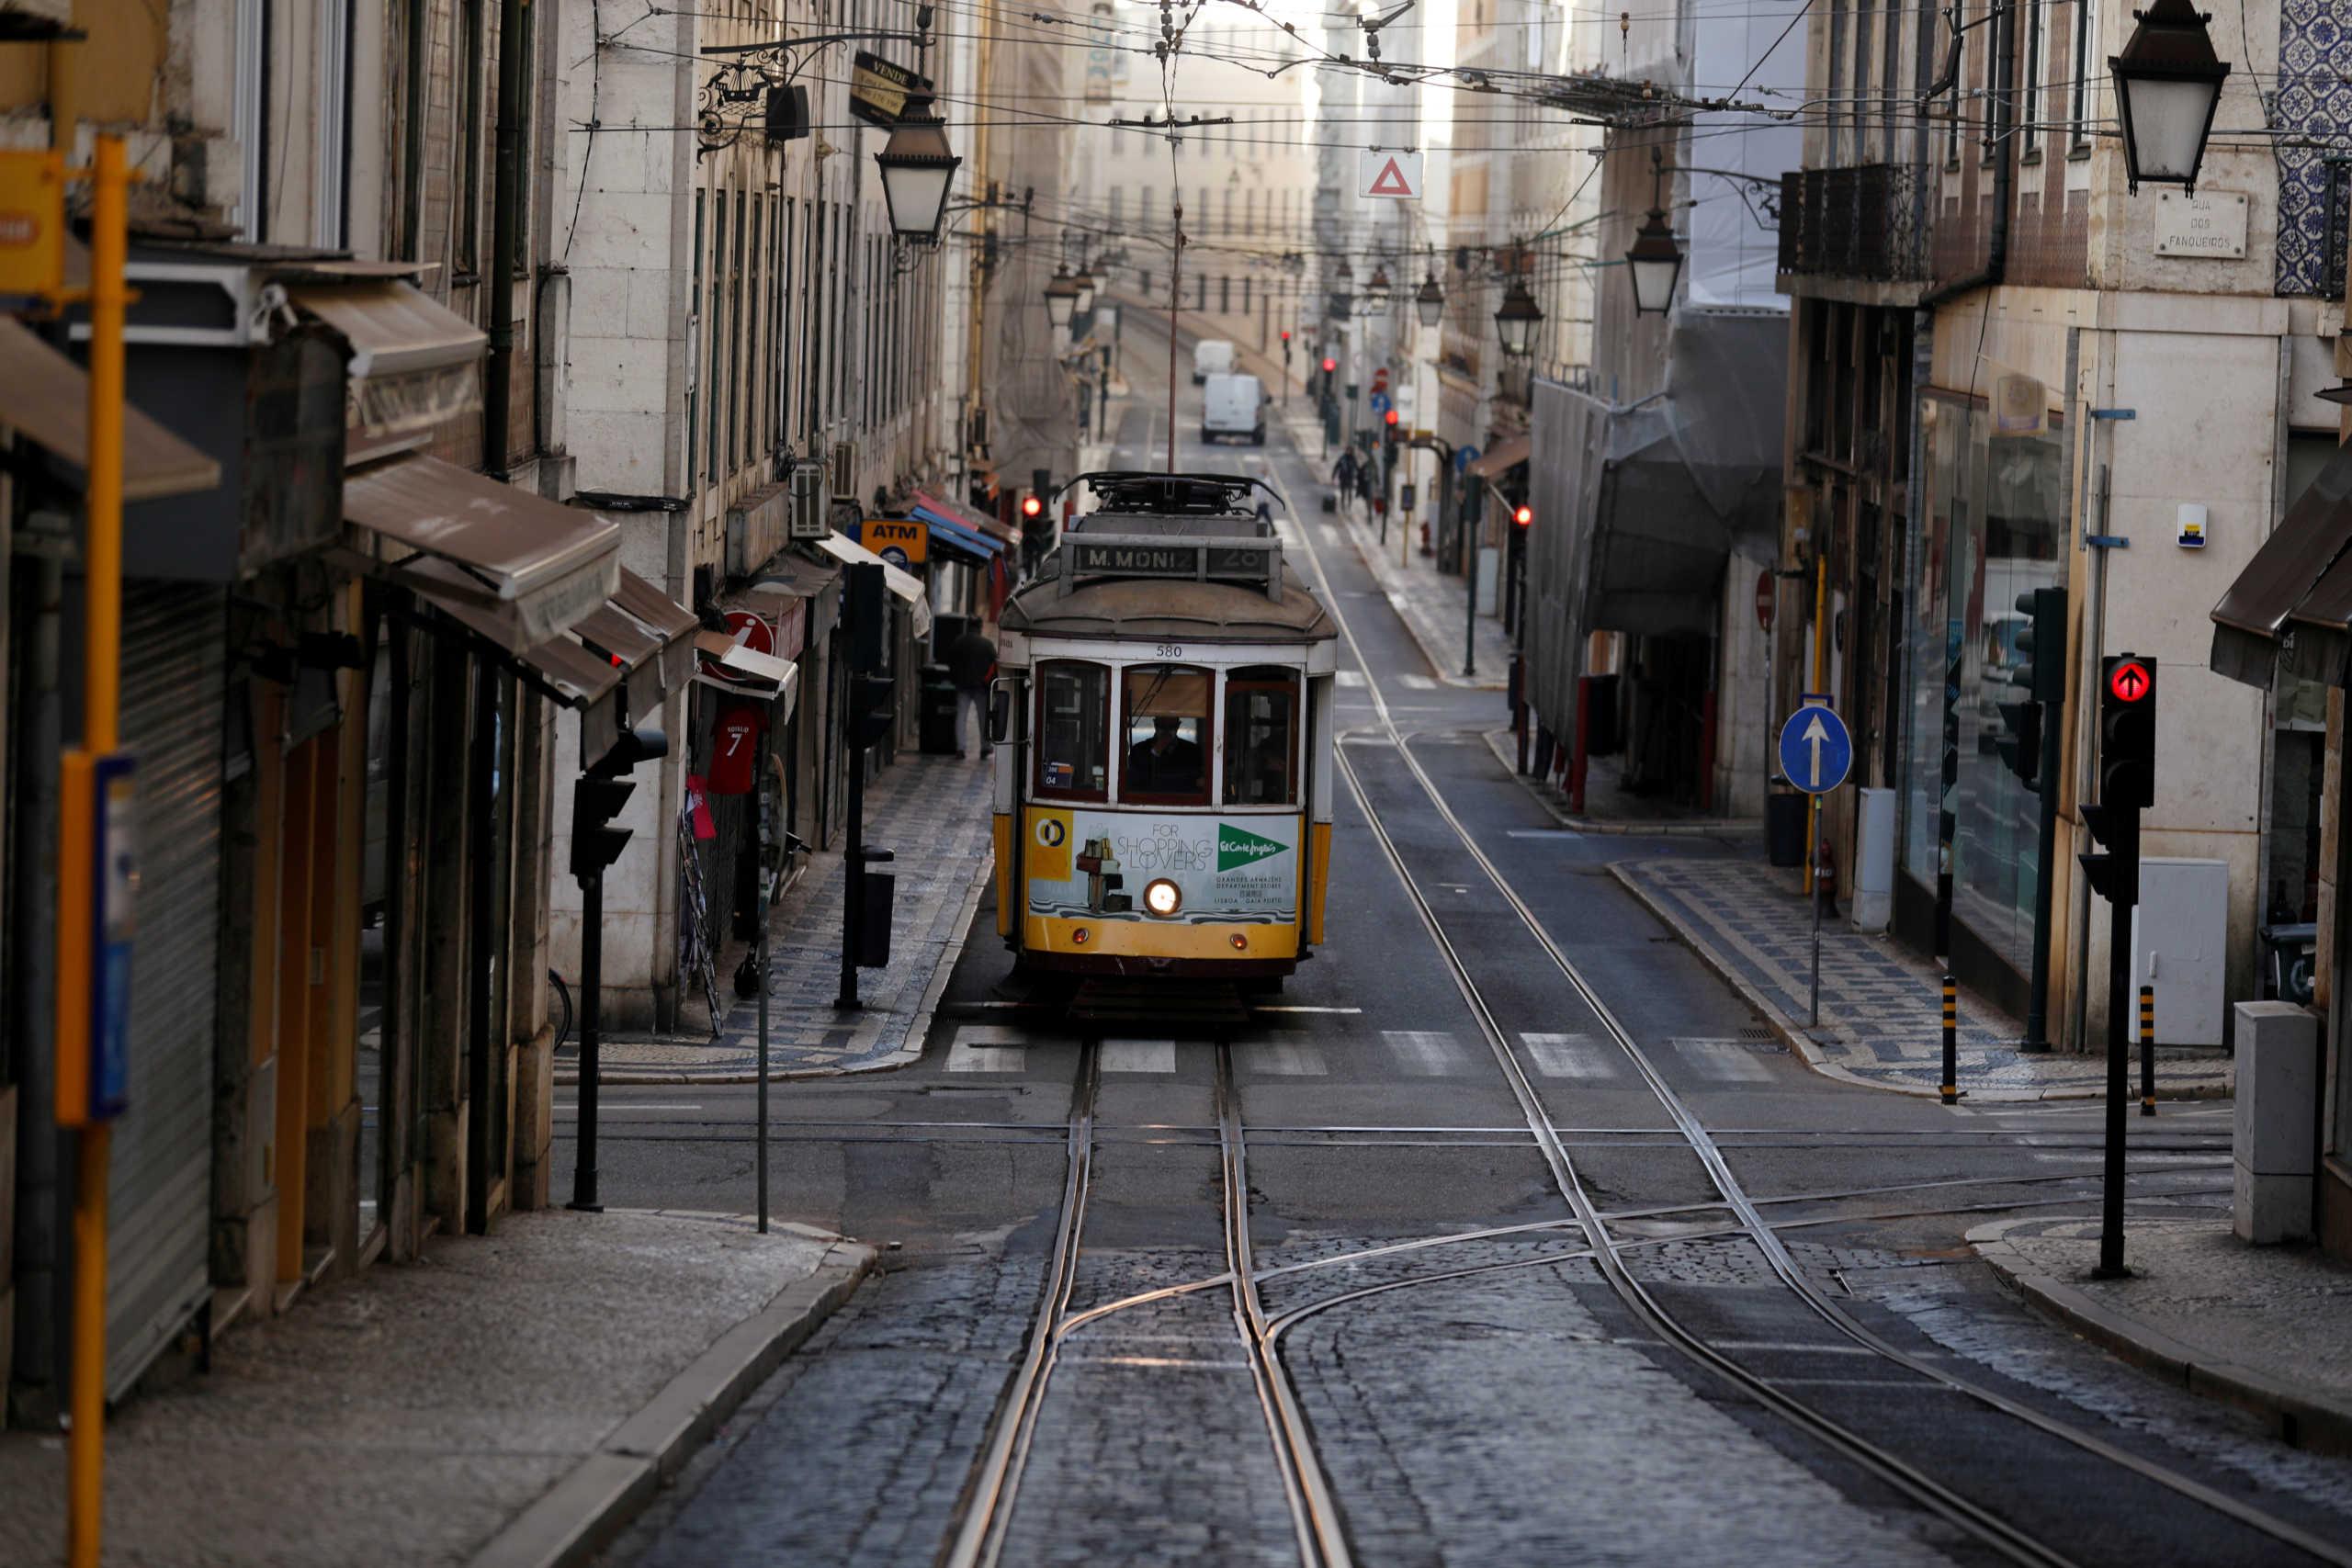 Πορτογαλία: Ενισχύεται το lockdown μετά το ρεκόρ μολύνσεων κορονοϊού